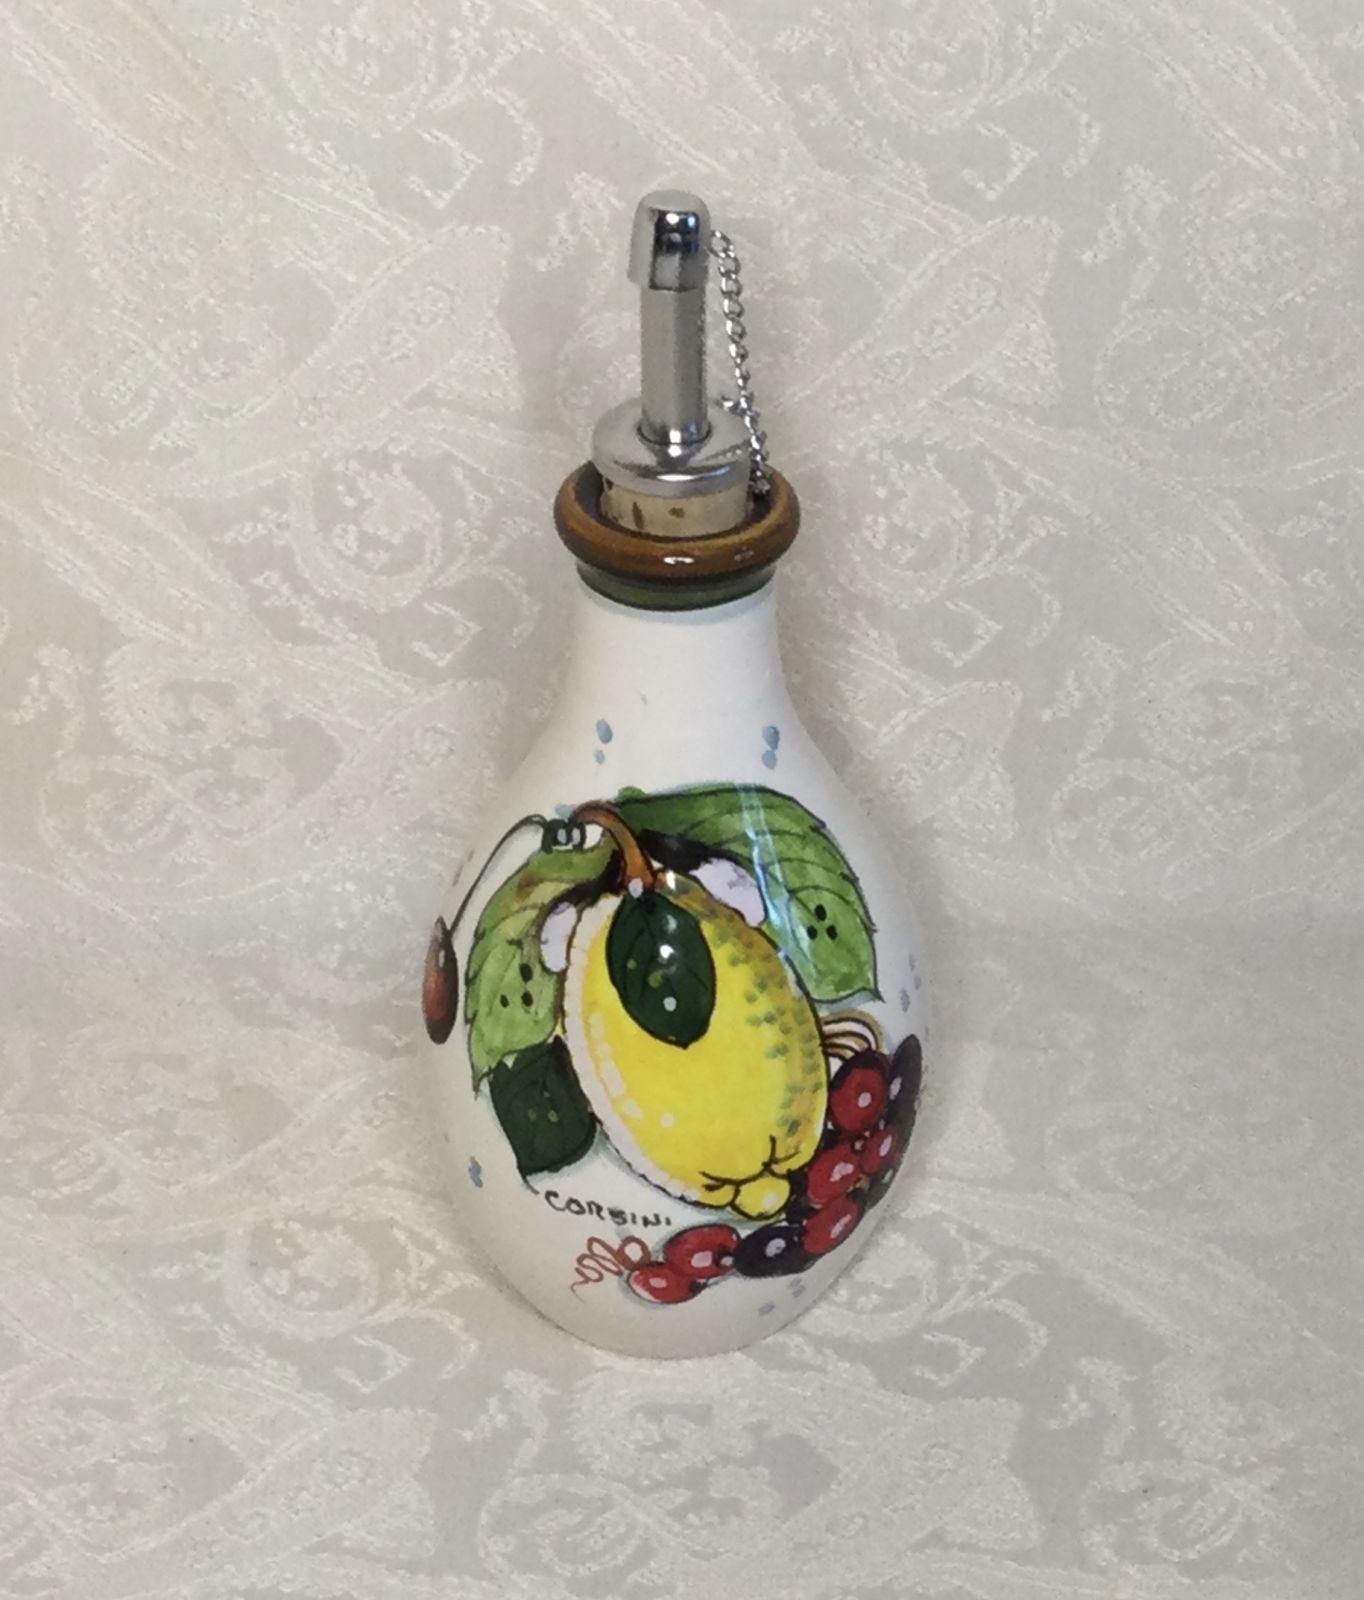 Ampolla olio h13 con frutta mista